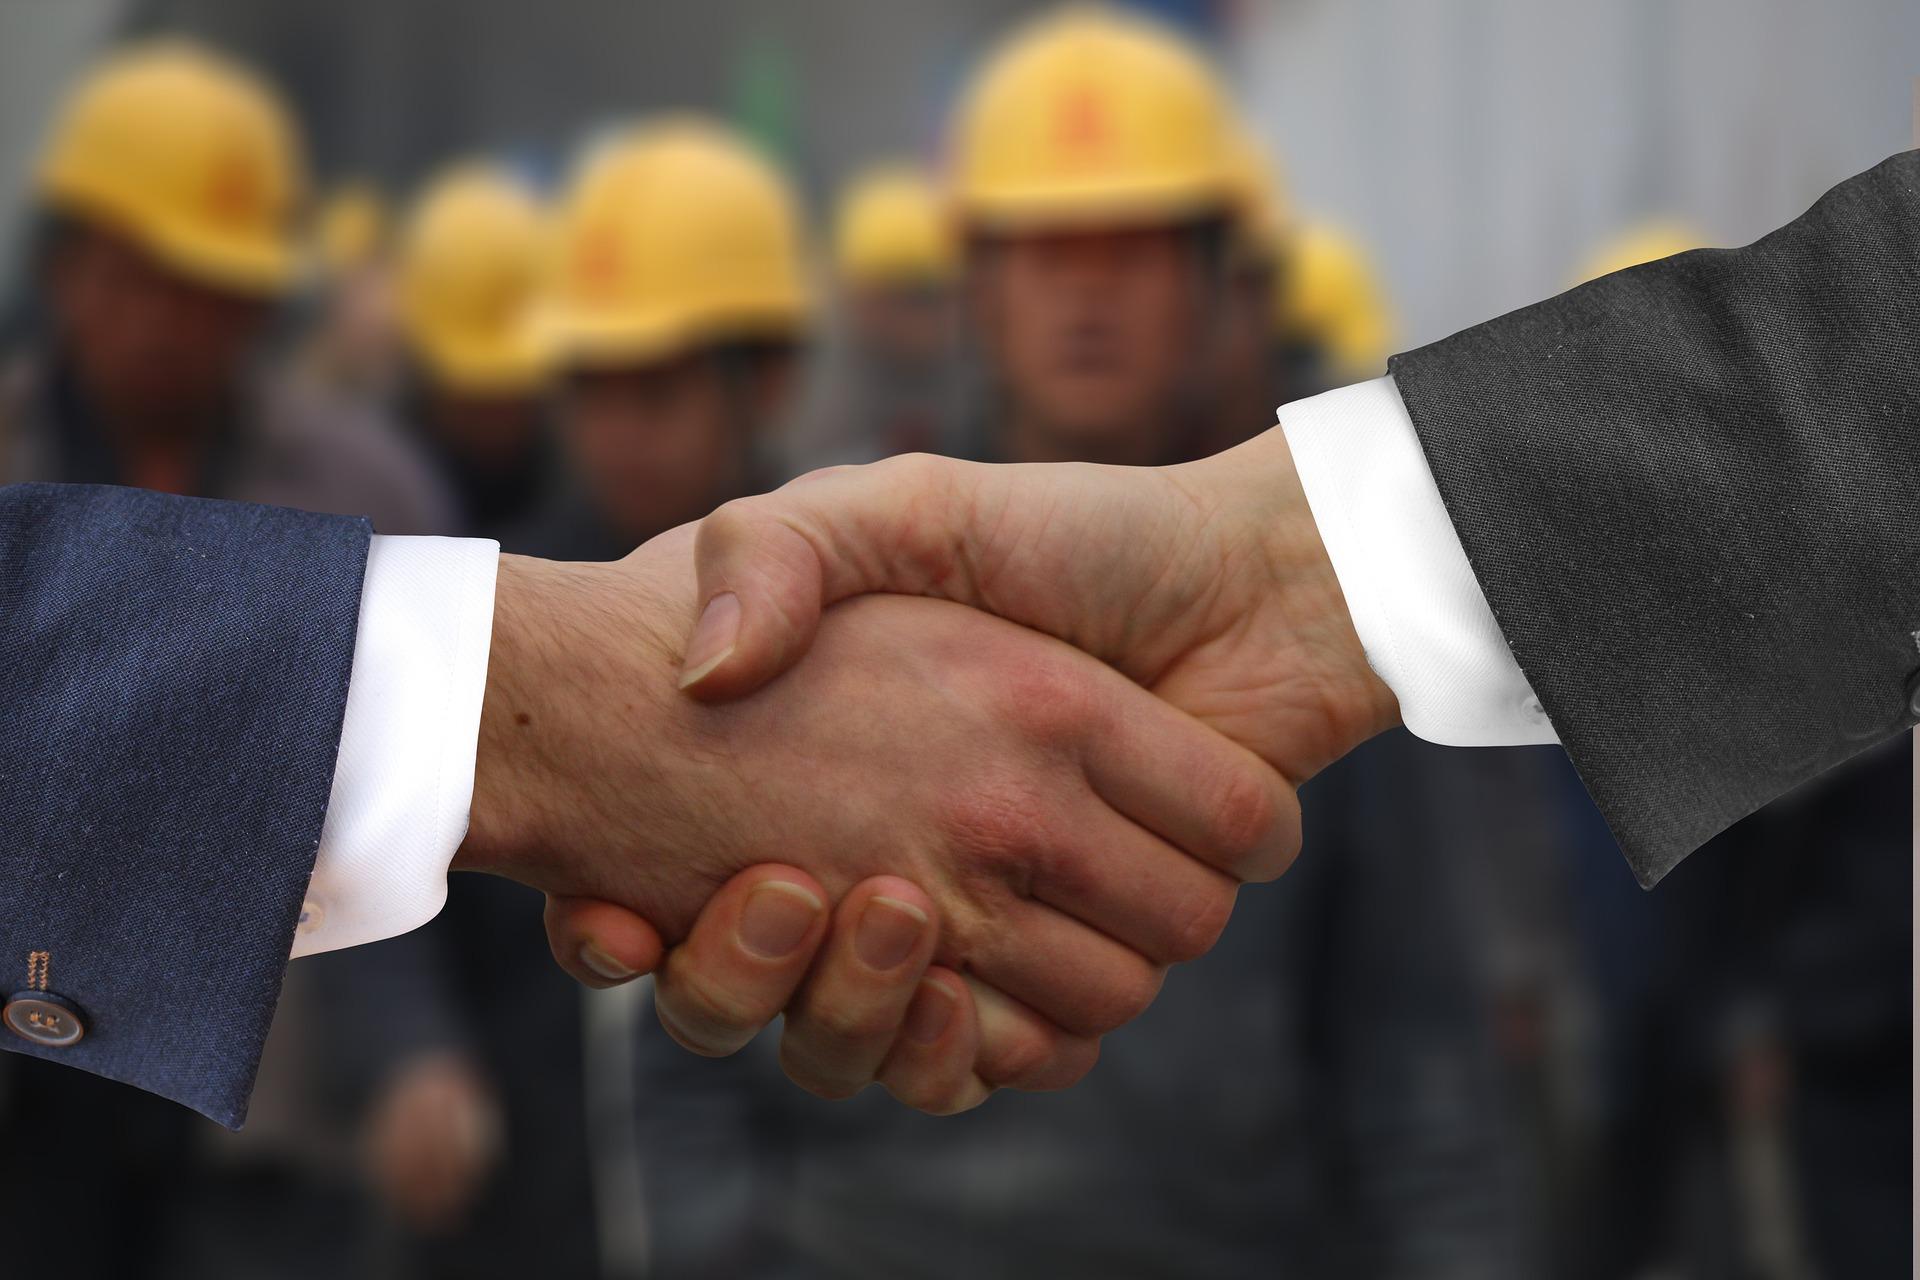 Bilden föreställer ett handslag mellan två händer vars armar ä klädda i kostym. I bakgrunden ser man en samling suddiga gestalter med gula bygghjälmar på.